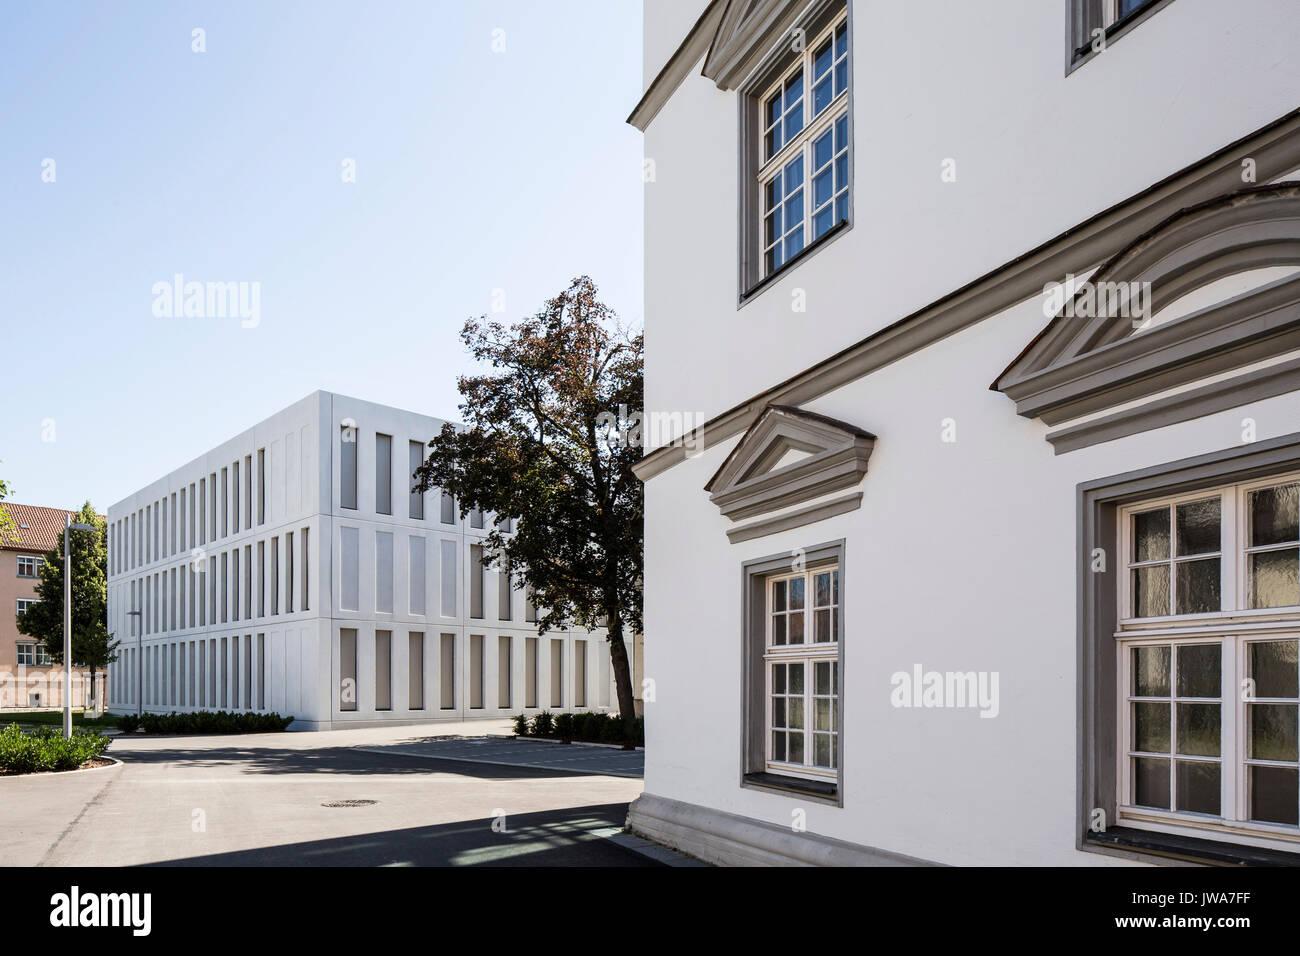 Architekten Biberach juxtaposition of and modern facades finanzamt finance office